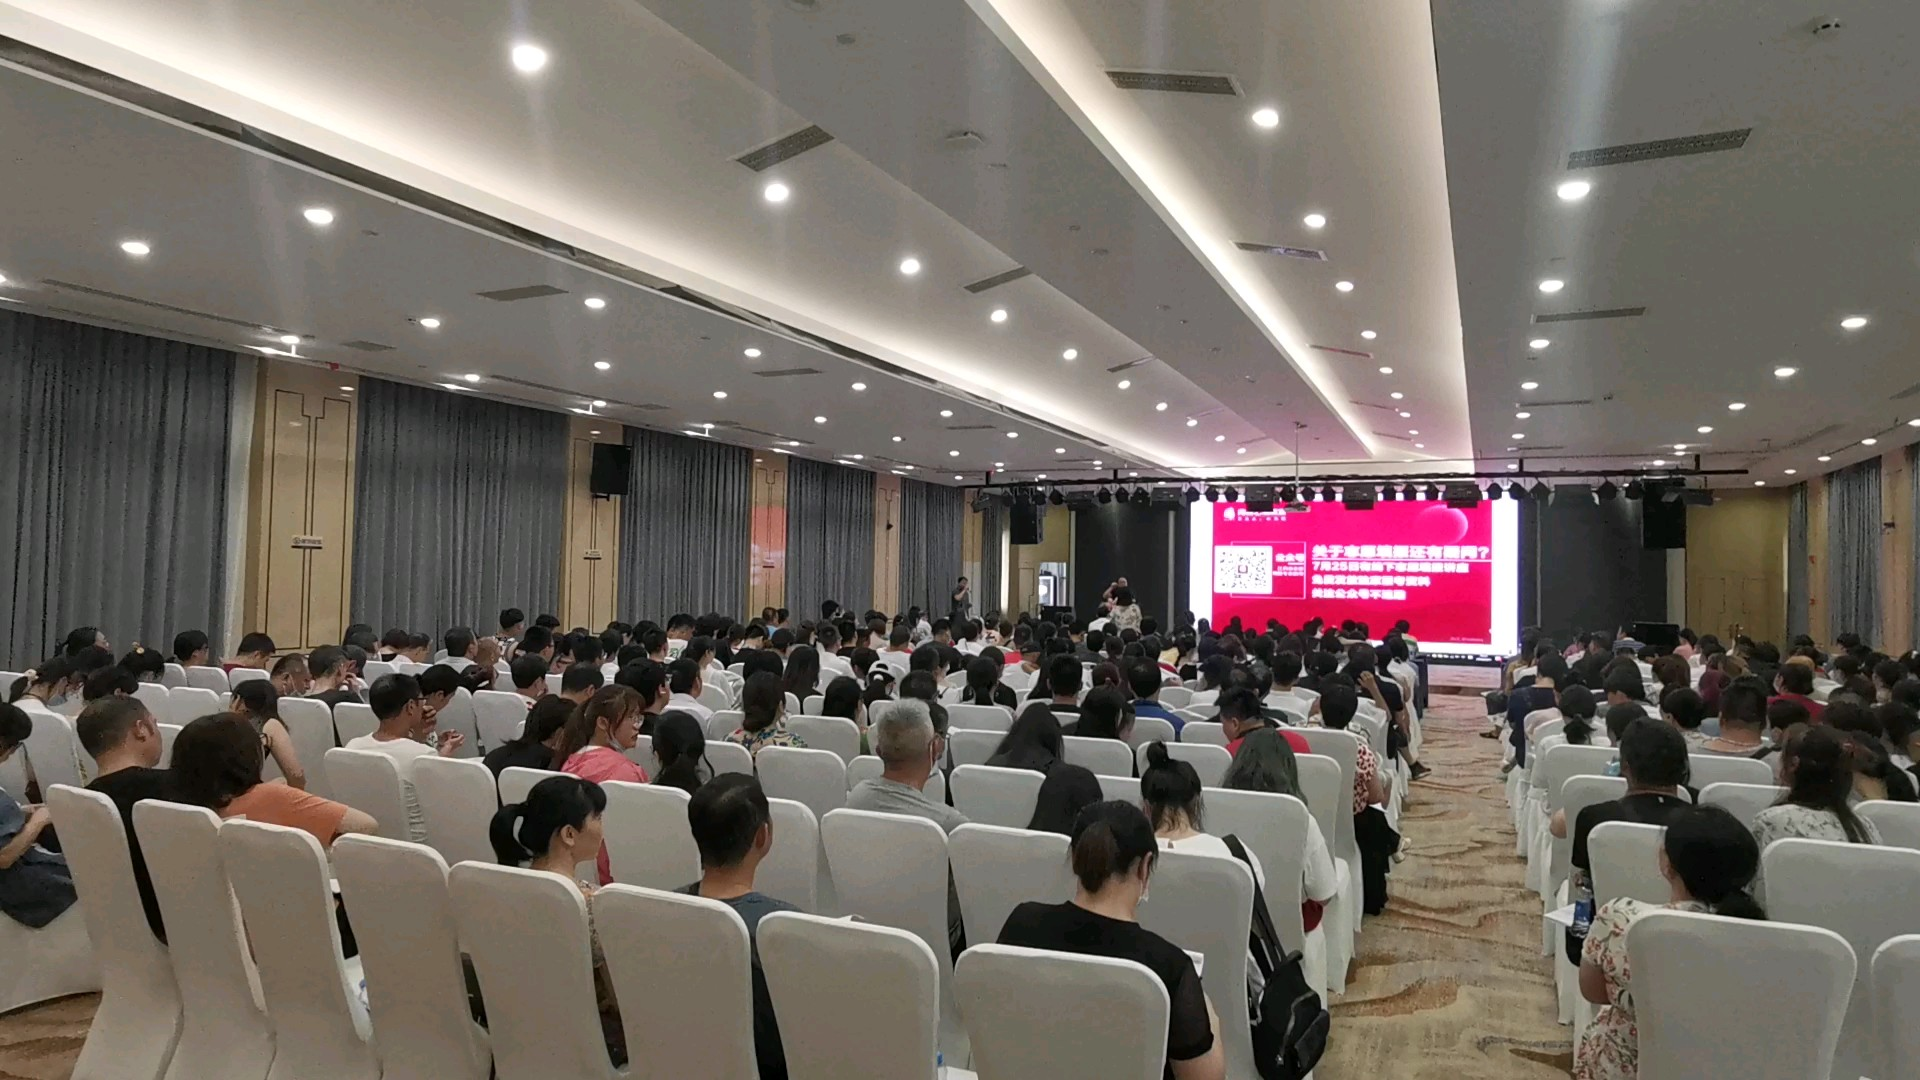 南昌艺境画室 志愿填报讲座进行中 如火如荼